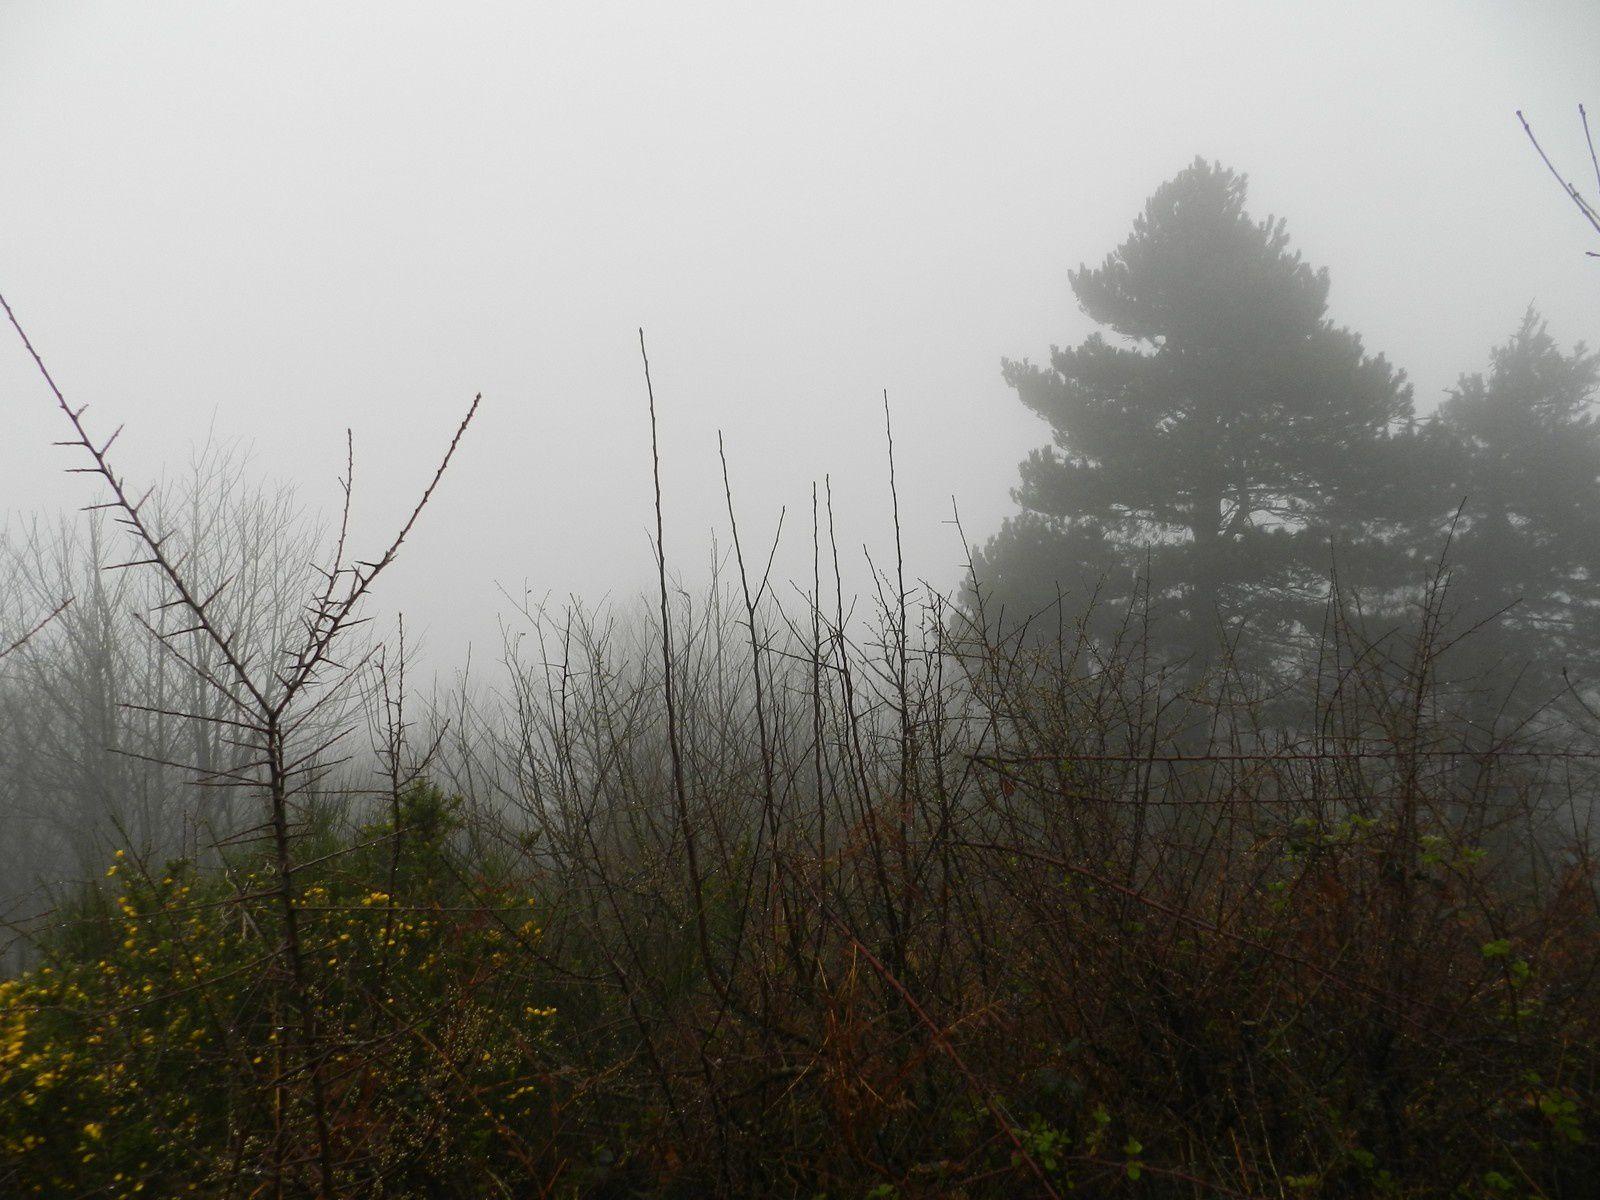 voilà la vue sur Mazamet, nous sommes dans un nuage